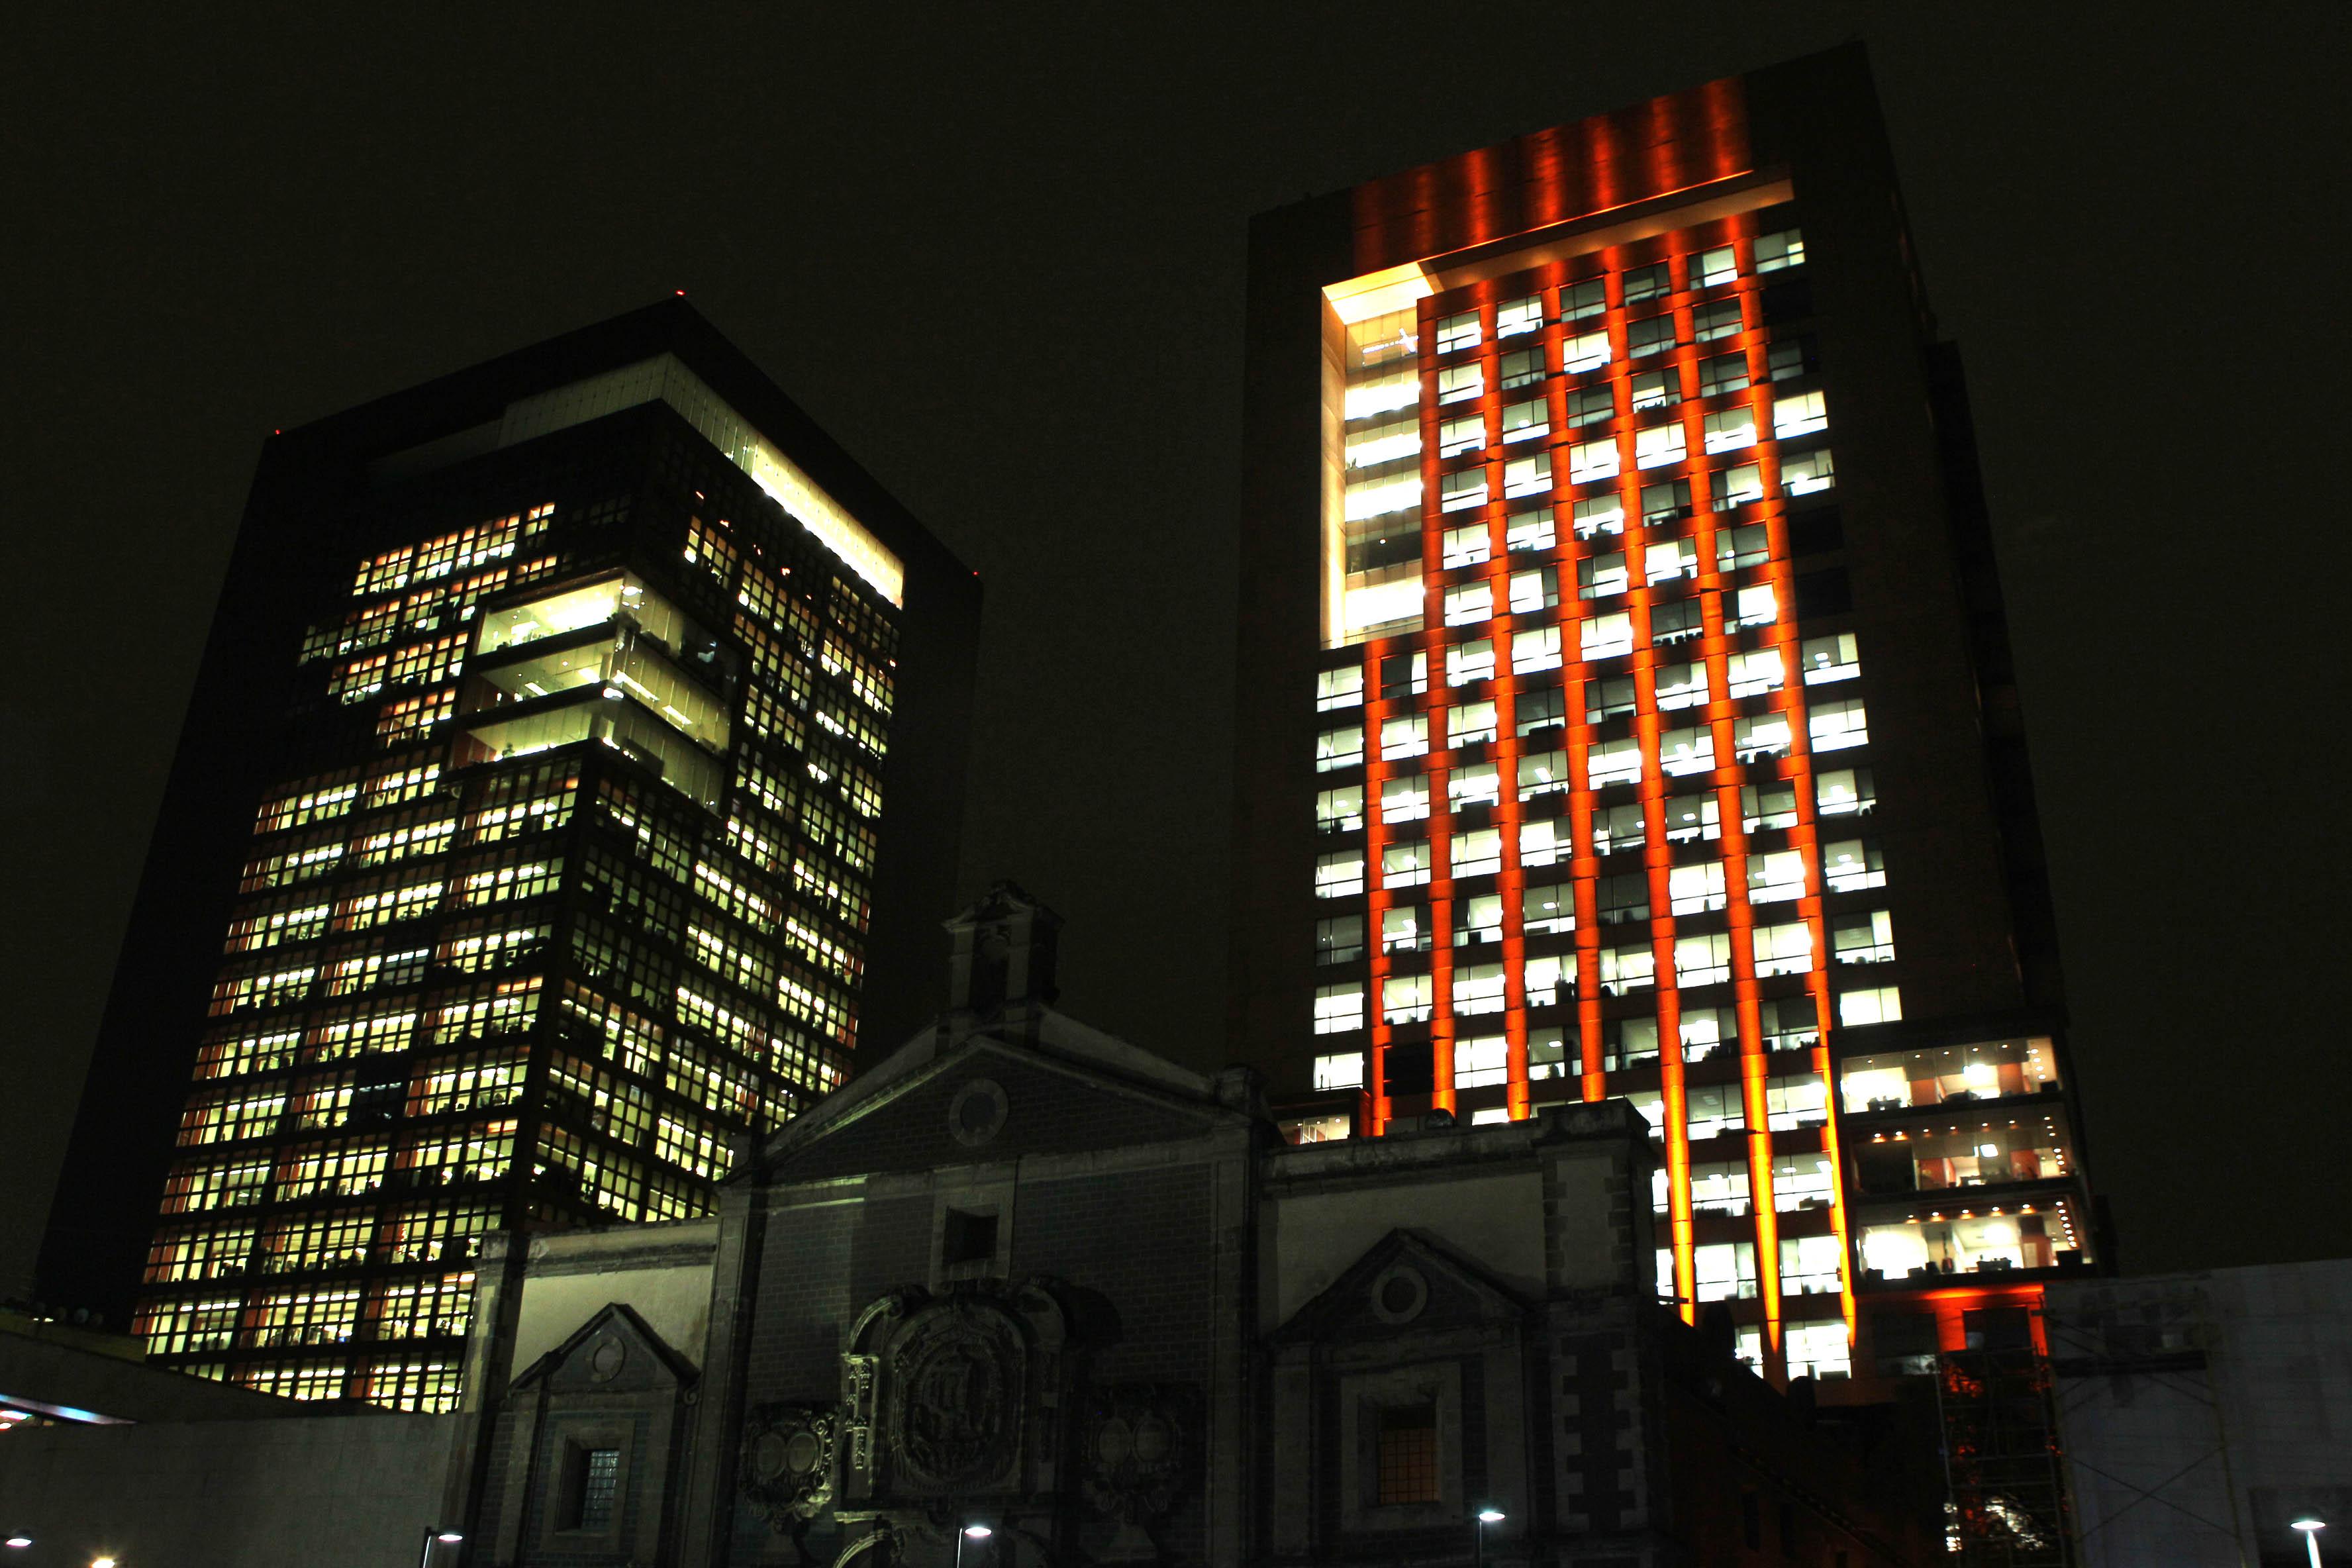 FOTO 1 Edificio de la SRE se ilumina de naranja  por el D a Internacional de la Eliminaci n de la Violencia Contra la Mujerjpg